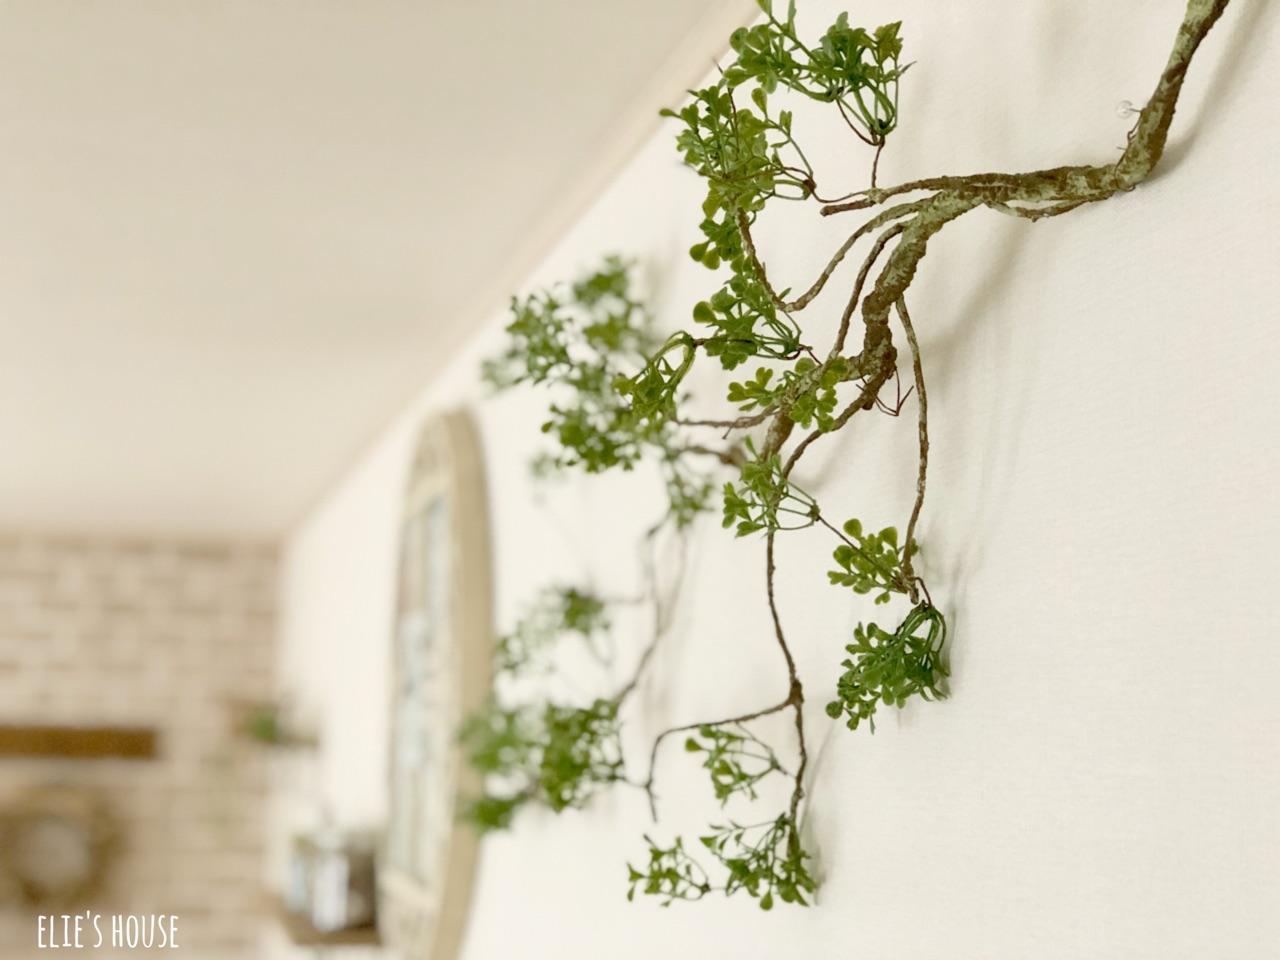 フェイクグリーンを壁に素敵に飾る方法 : elie's house 100均リメイク